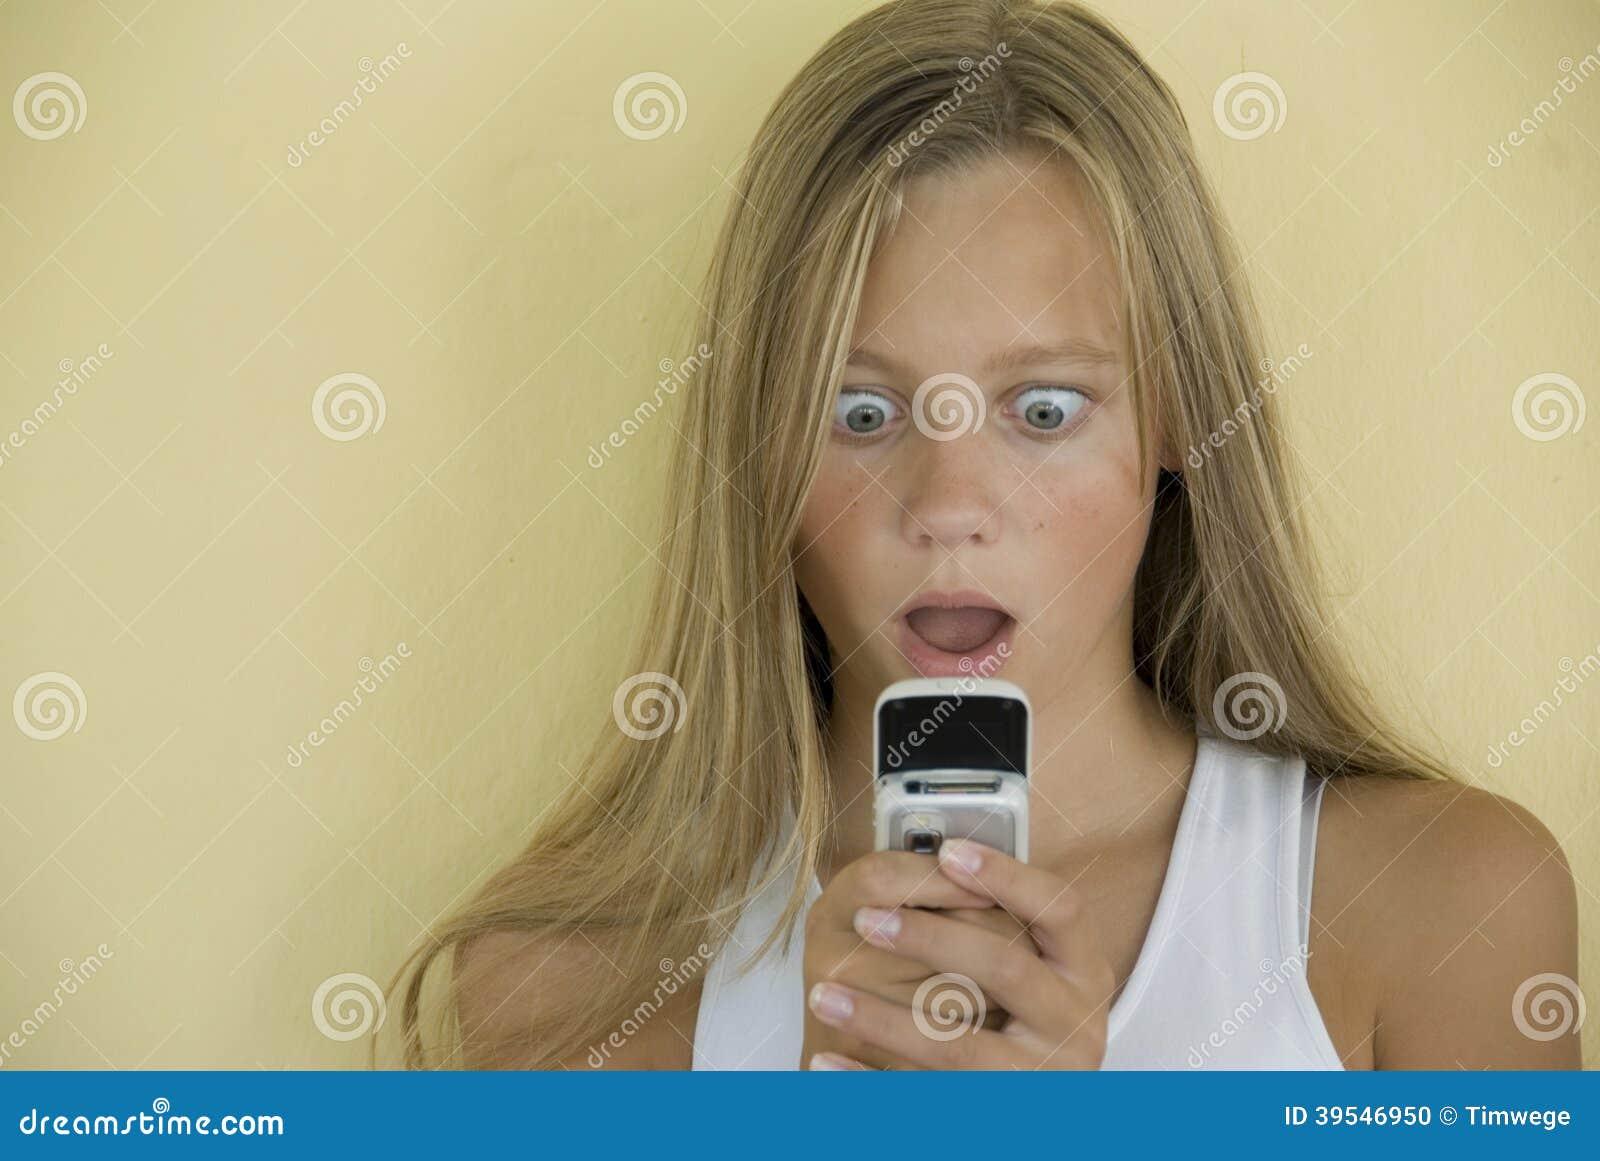 La fille reçoit le message étonnant de téléphone portable